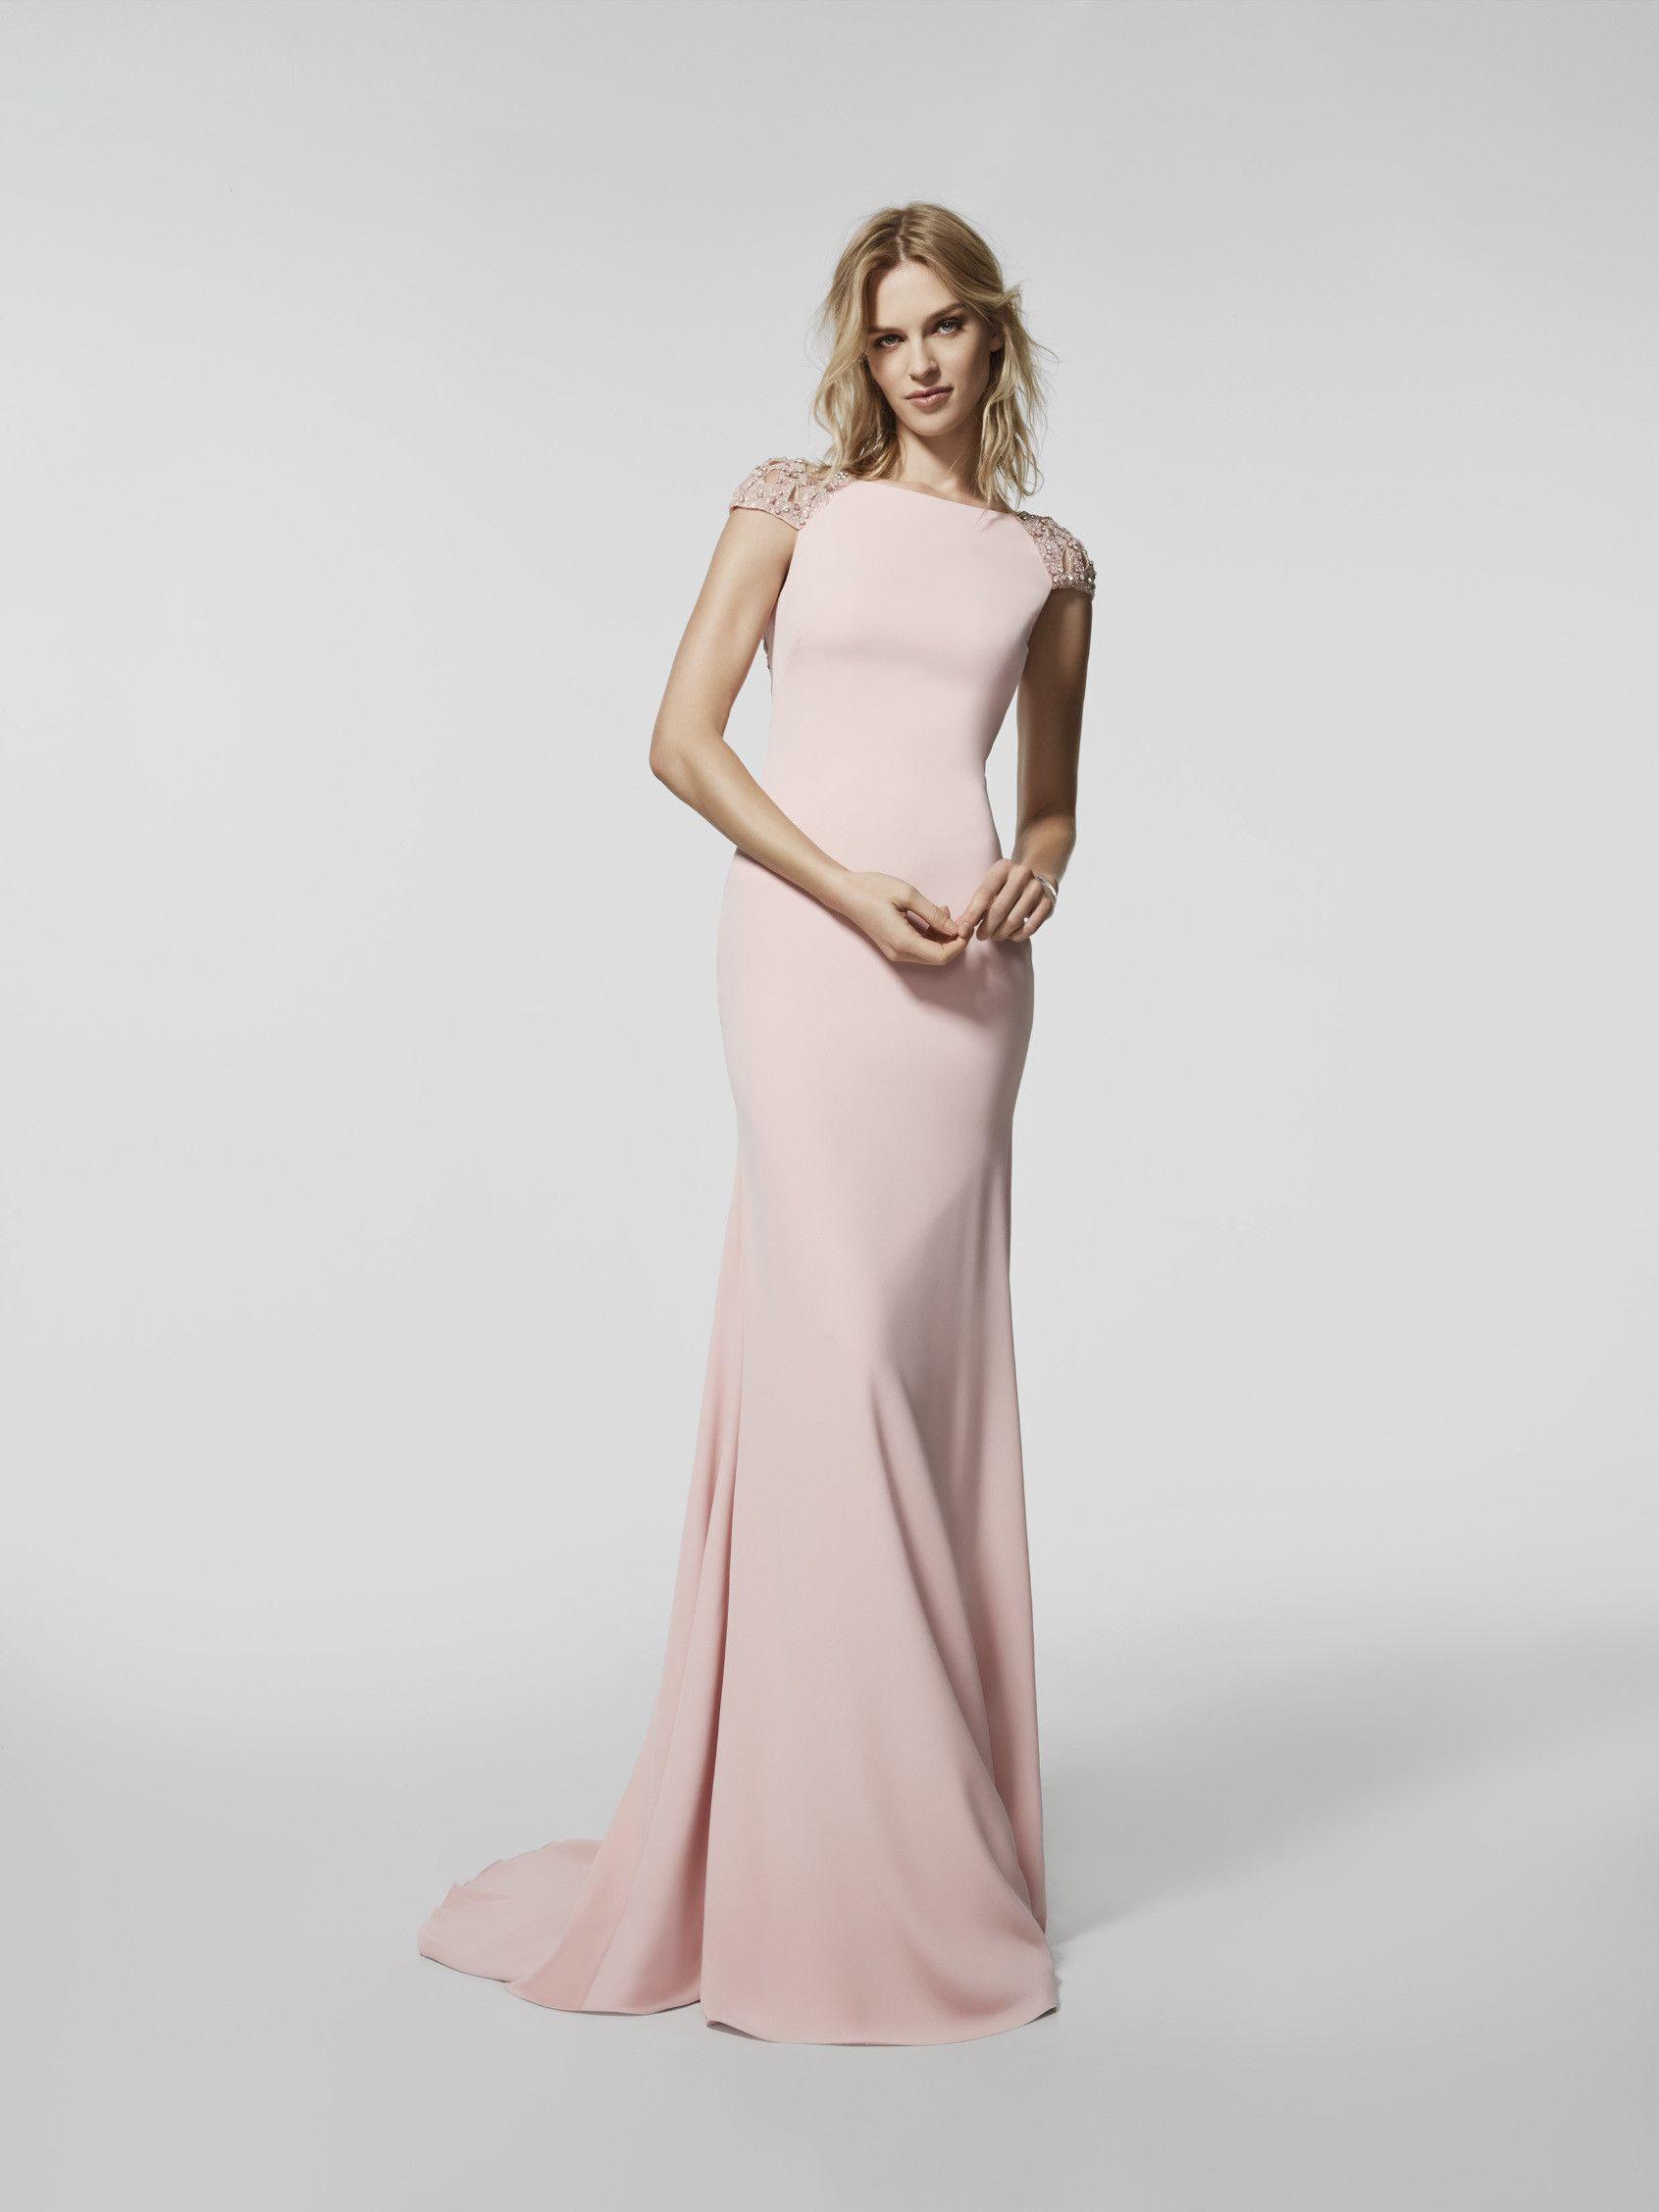 c2067cc08 Vestido de fiesta (modelo GRAEL) de color rosa pálido con un escote  delantero tipo barco y con escote a espalda cuadrada . Vestido largo de la  línea sirena ...